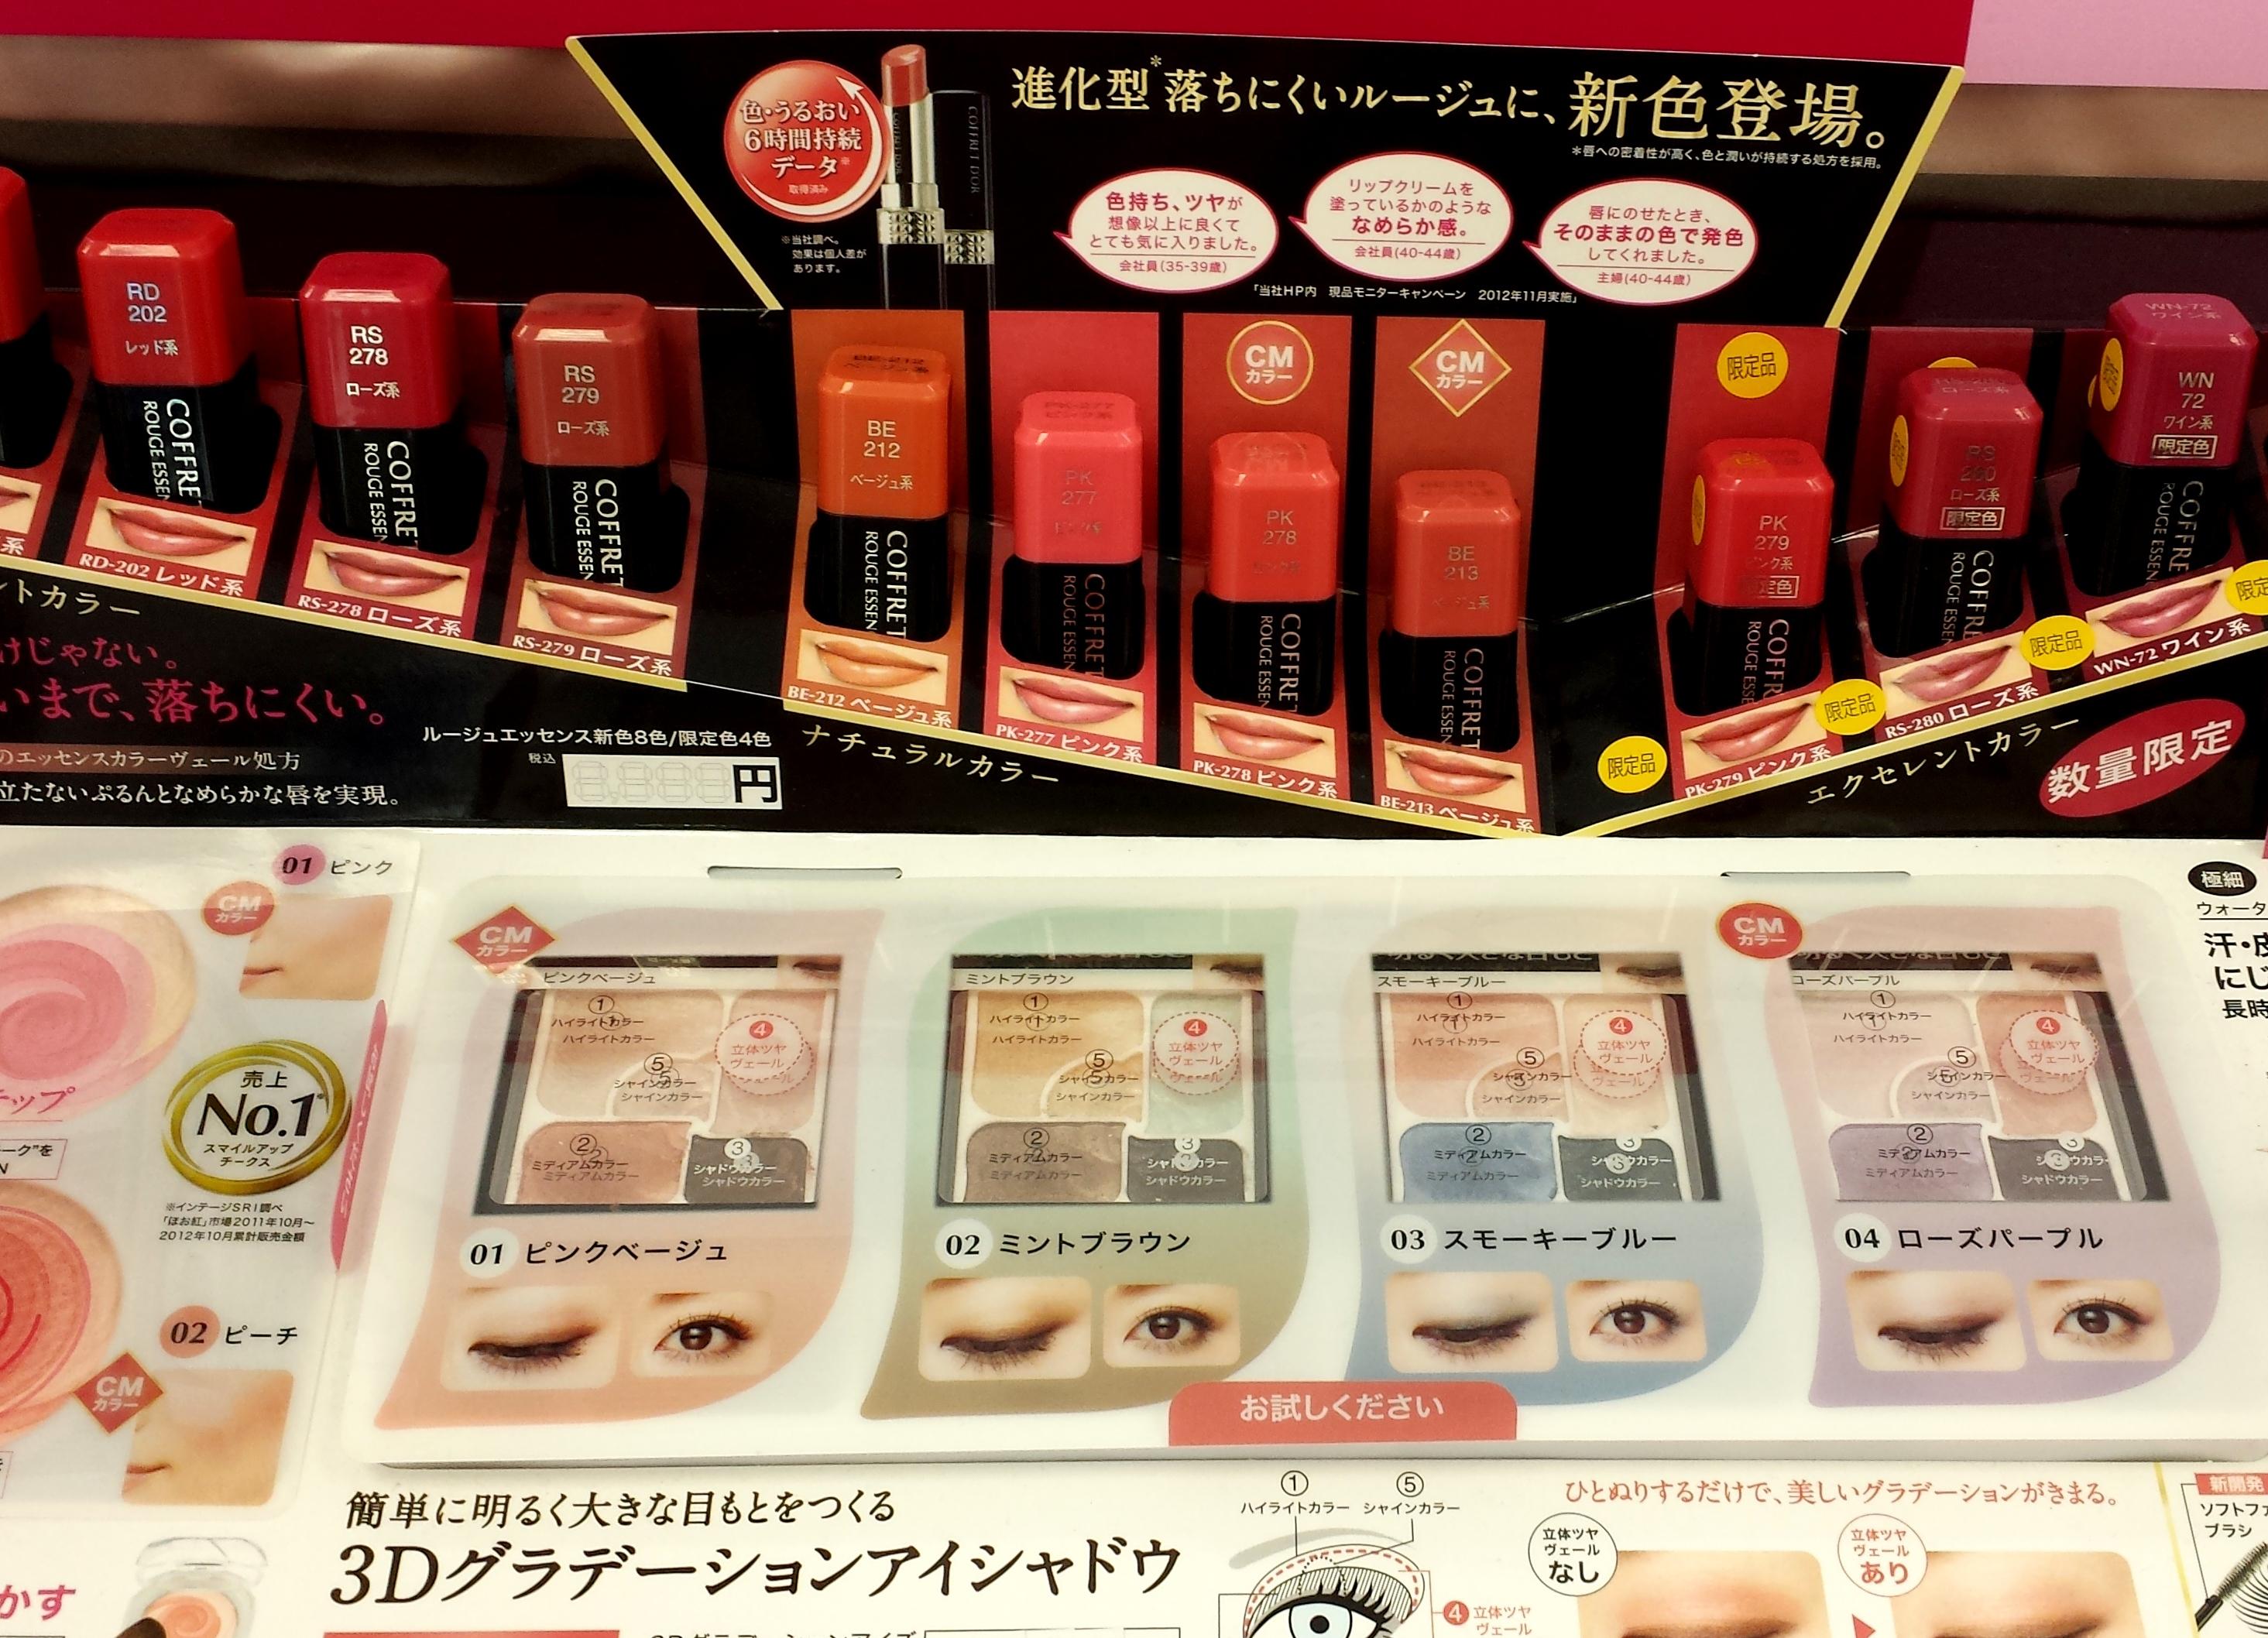 Купить японскую декоративную косметику в москве новосибирск косметика для солярия купить